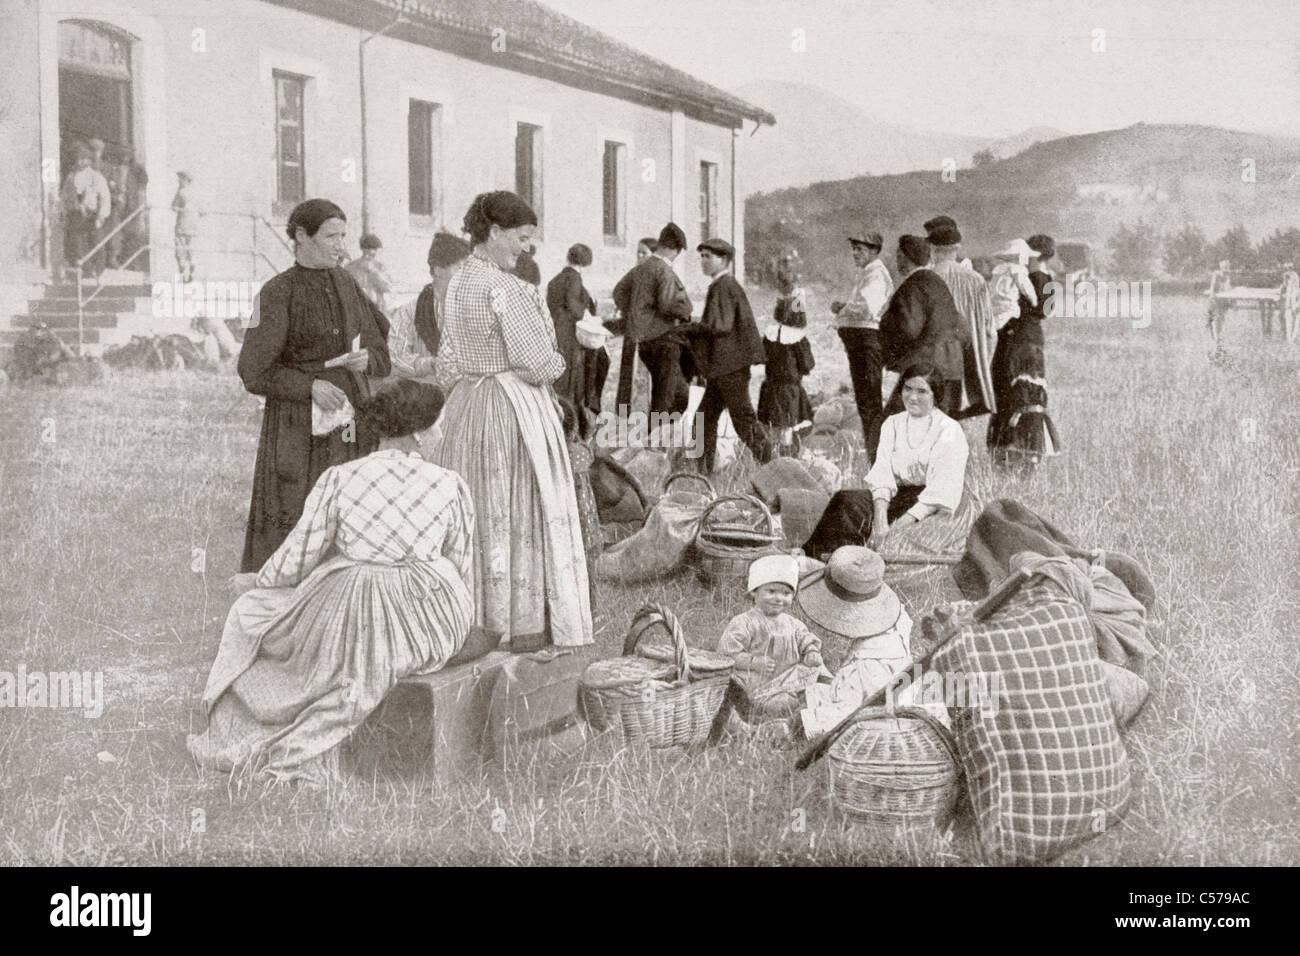 Groupe de citoyens espagnols rapatriés de France à Irun, en Espagne, en 1914, au cours de la Première Photo Stock